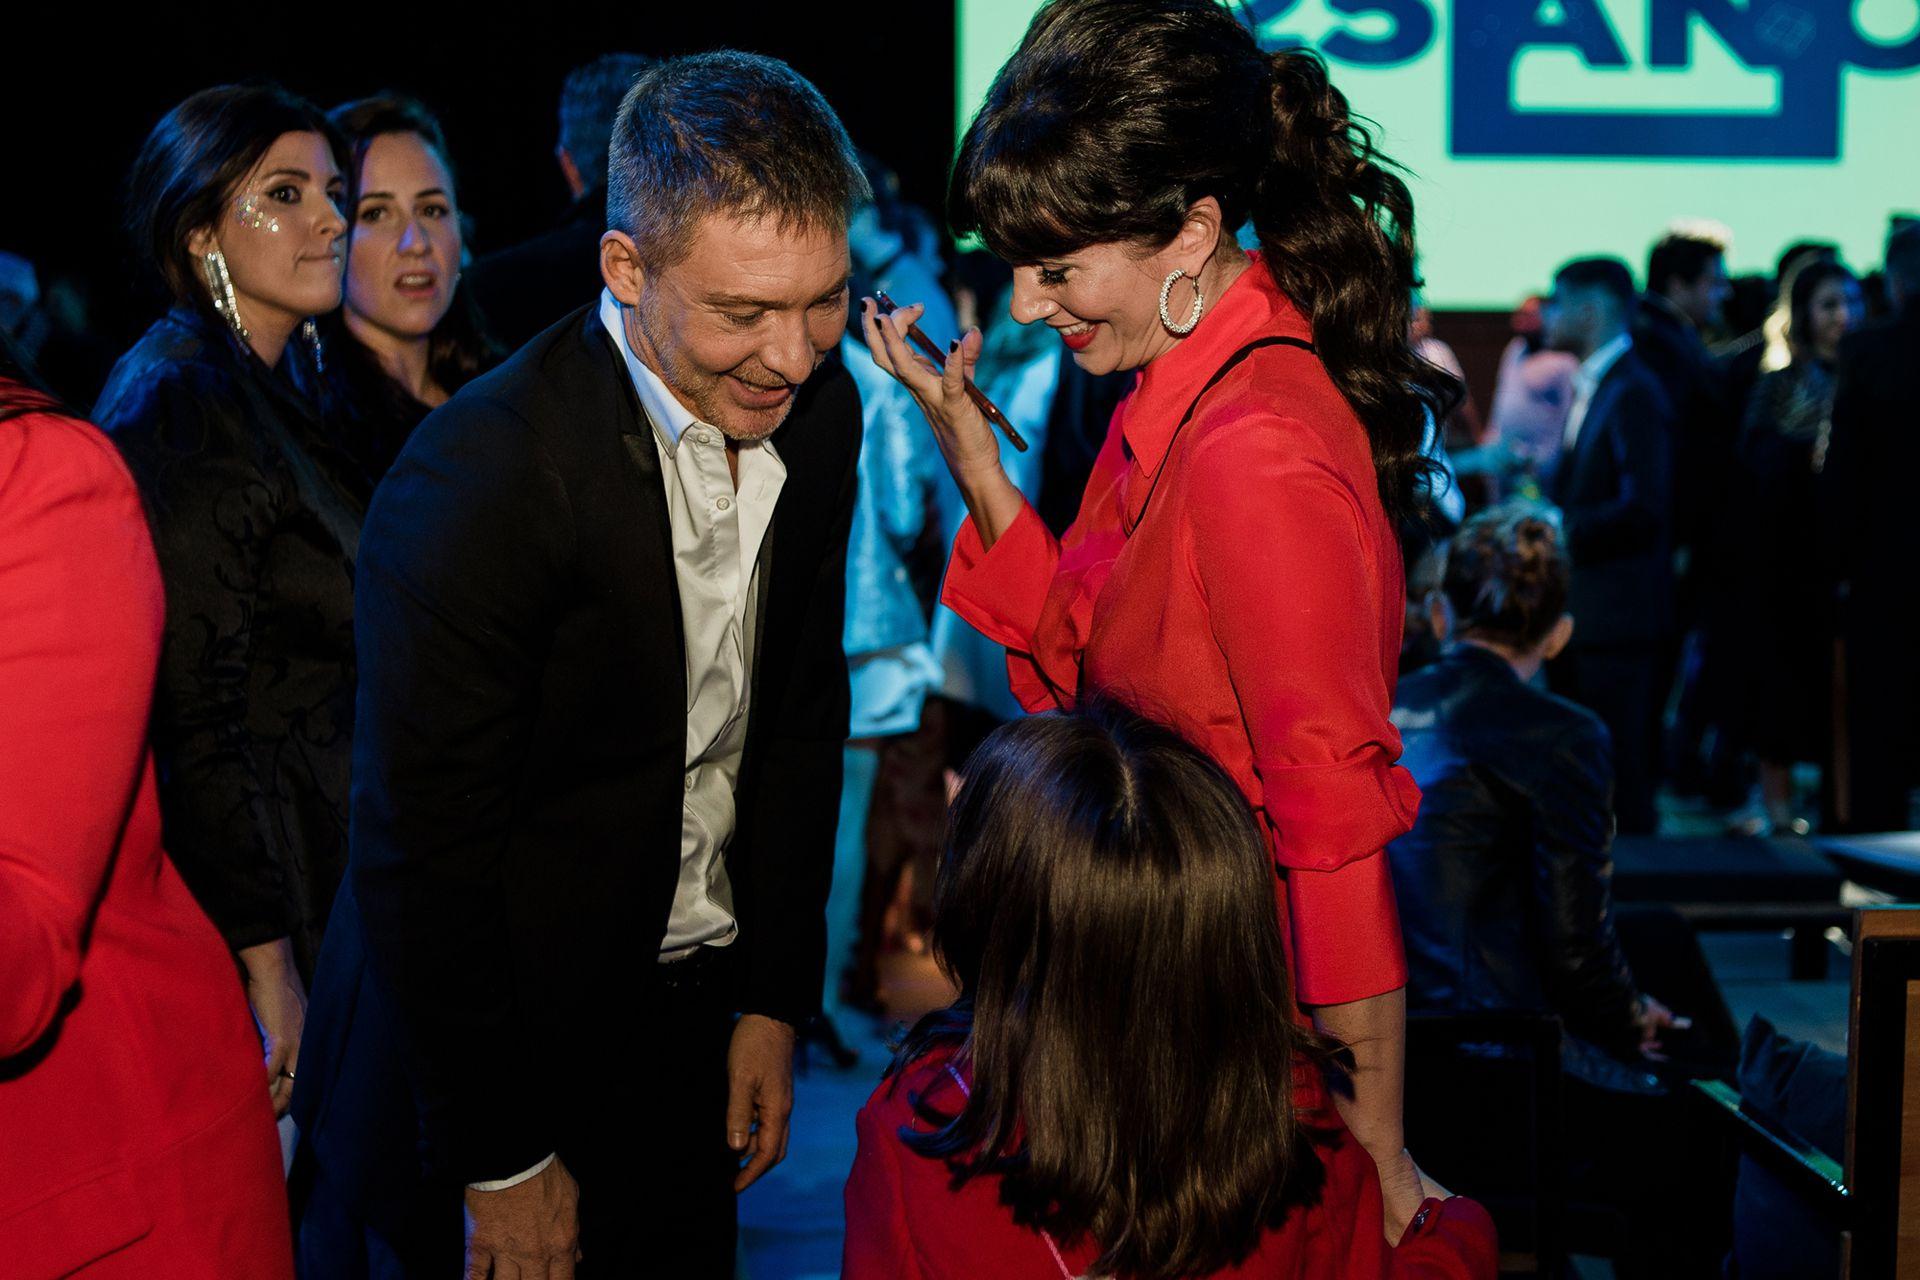 Suar, Siciliani y la hija de ambos, Margarita, muy divertidos